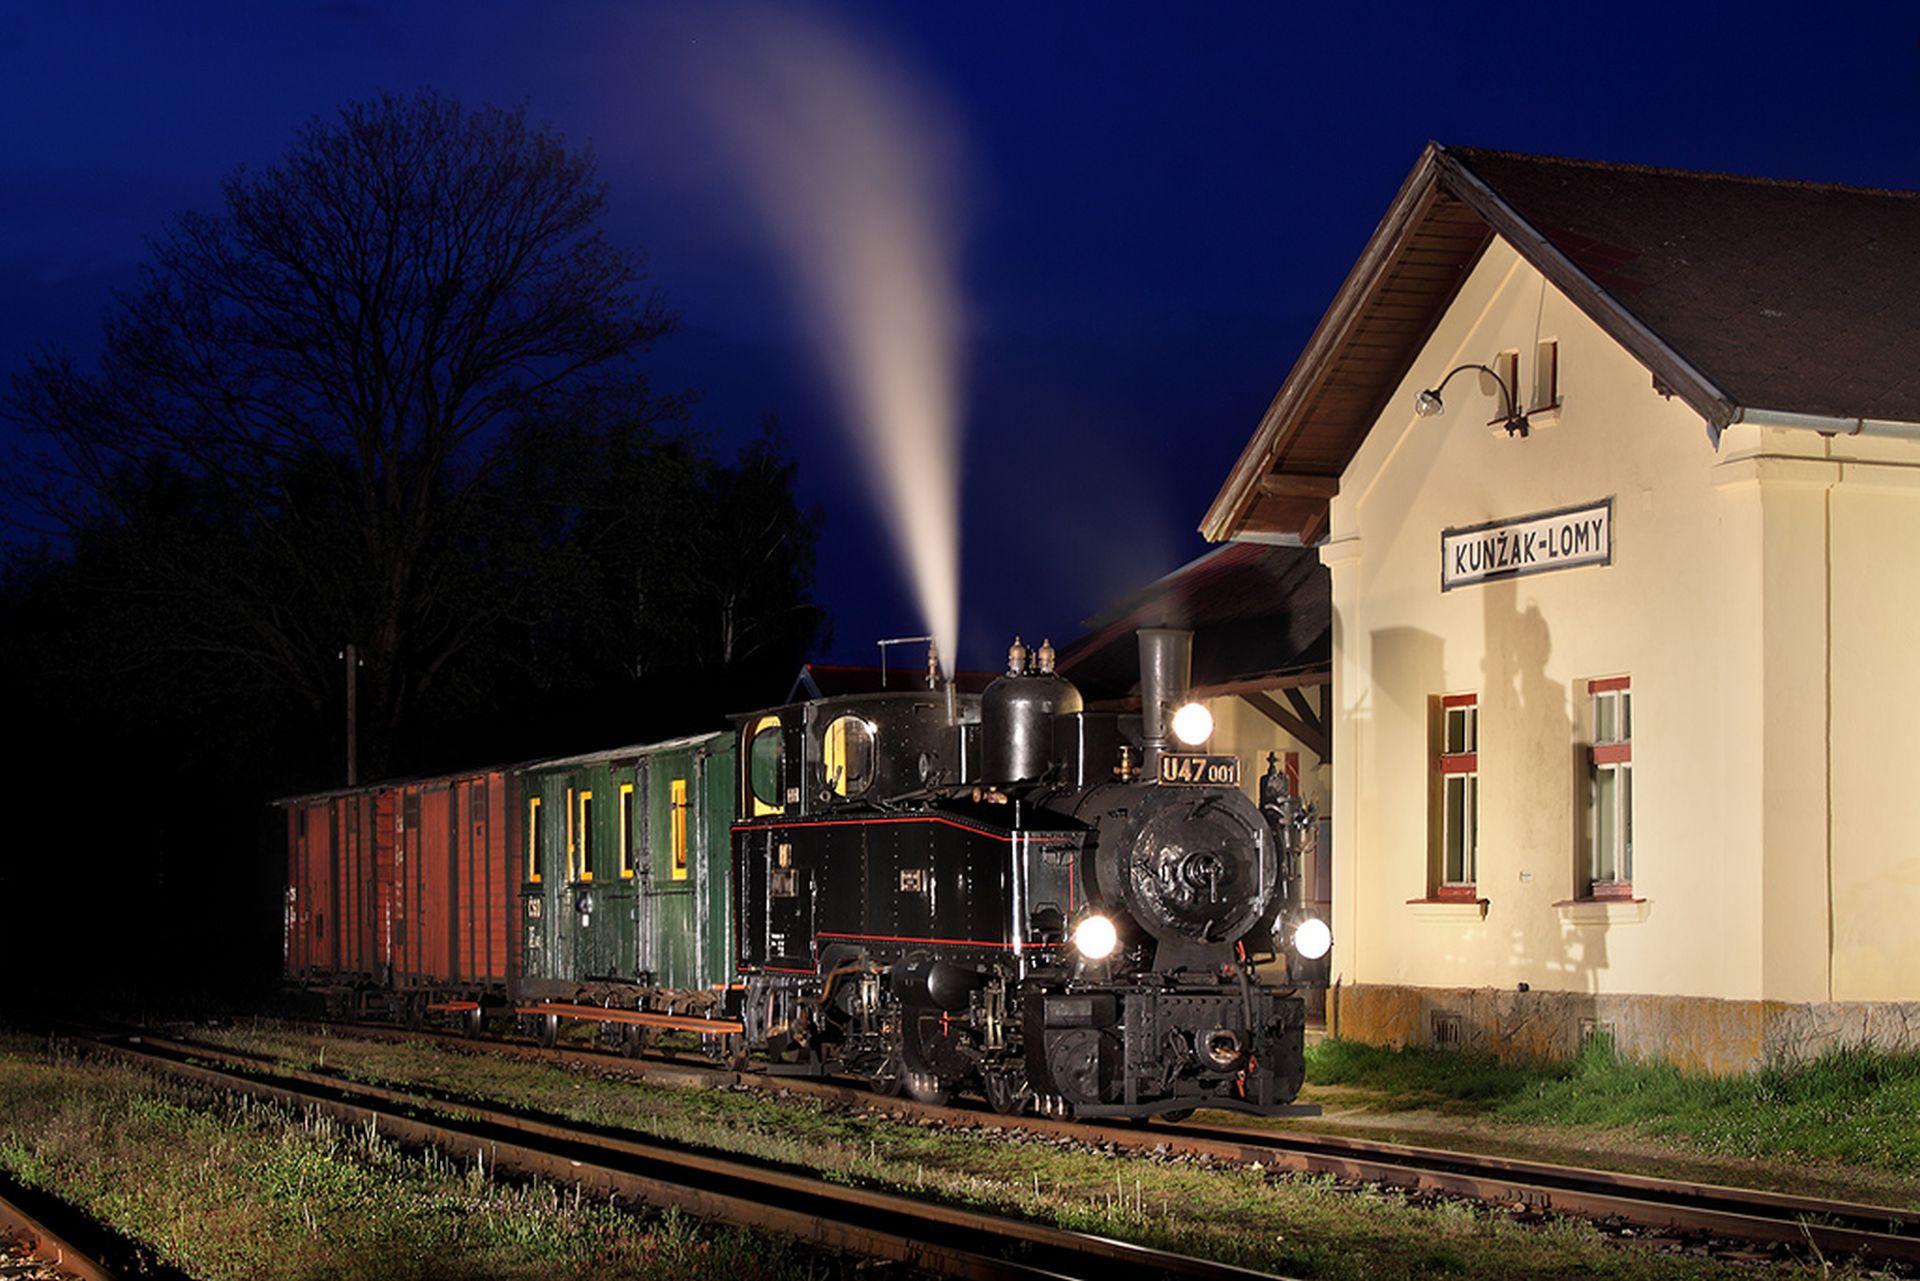 Lokomotiva U47.001 Malletka se už jen tak na jindřichohradecké úzkokolejky nepodívá. Národní technické muzeum si ji stáhlo zpět. Foto: Petr Tylšar